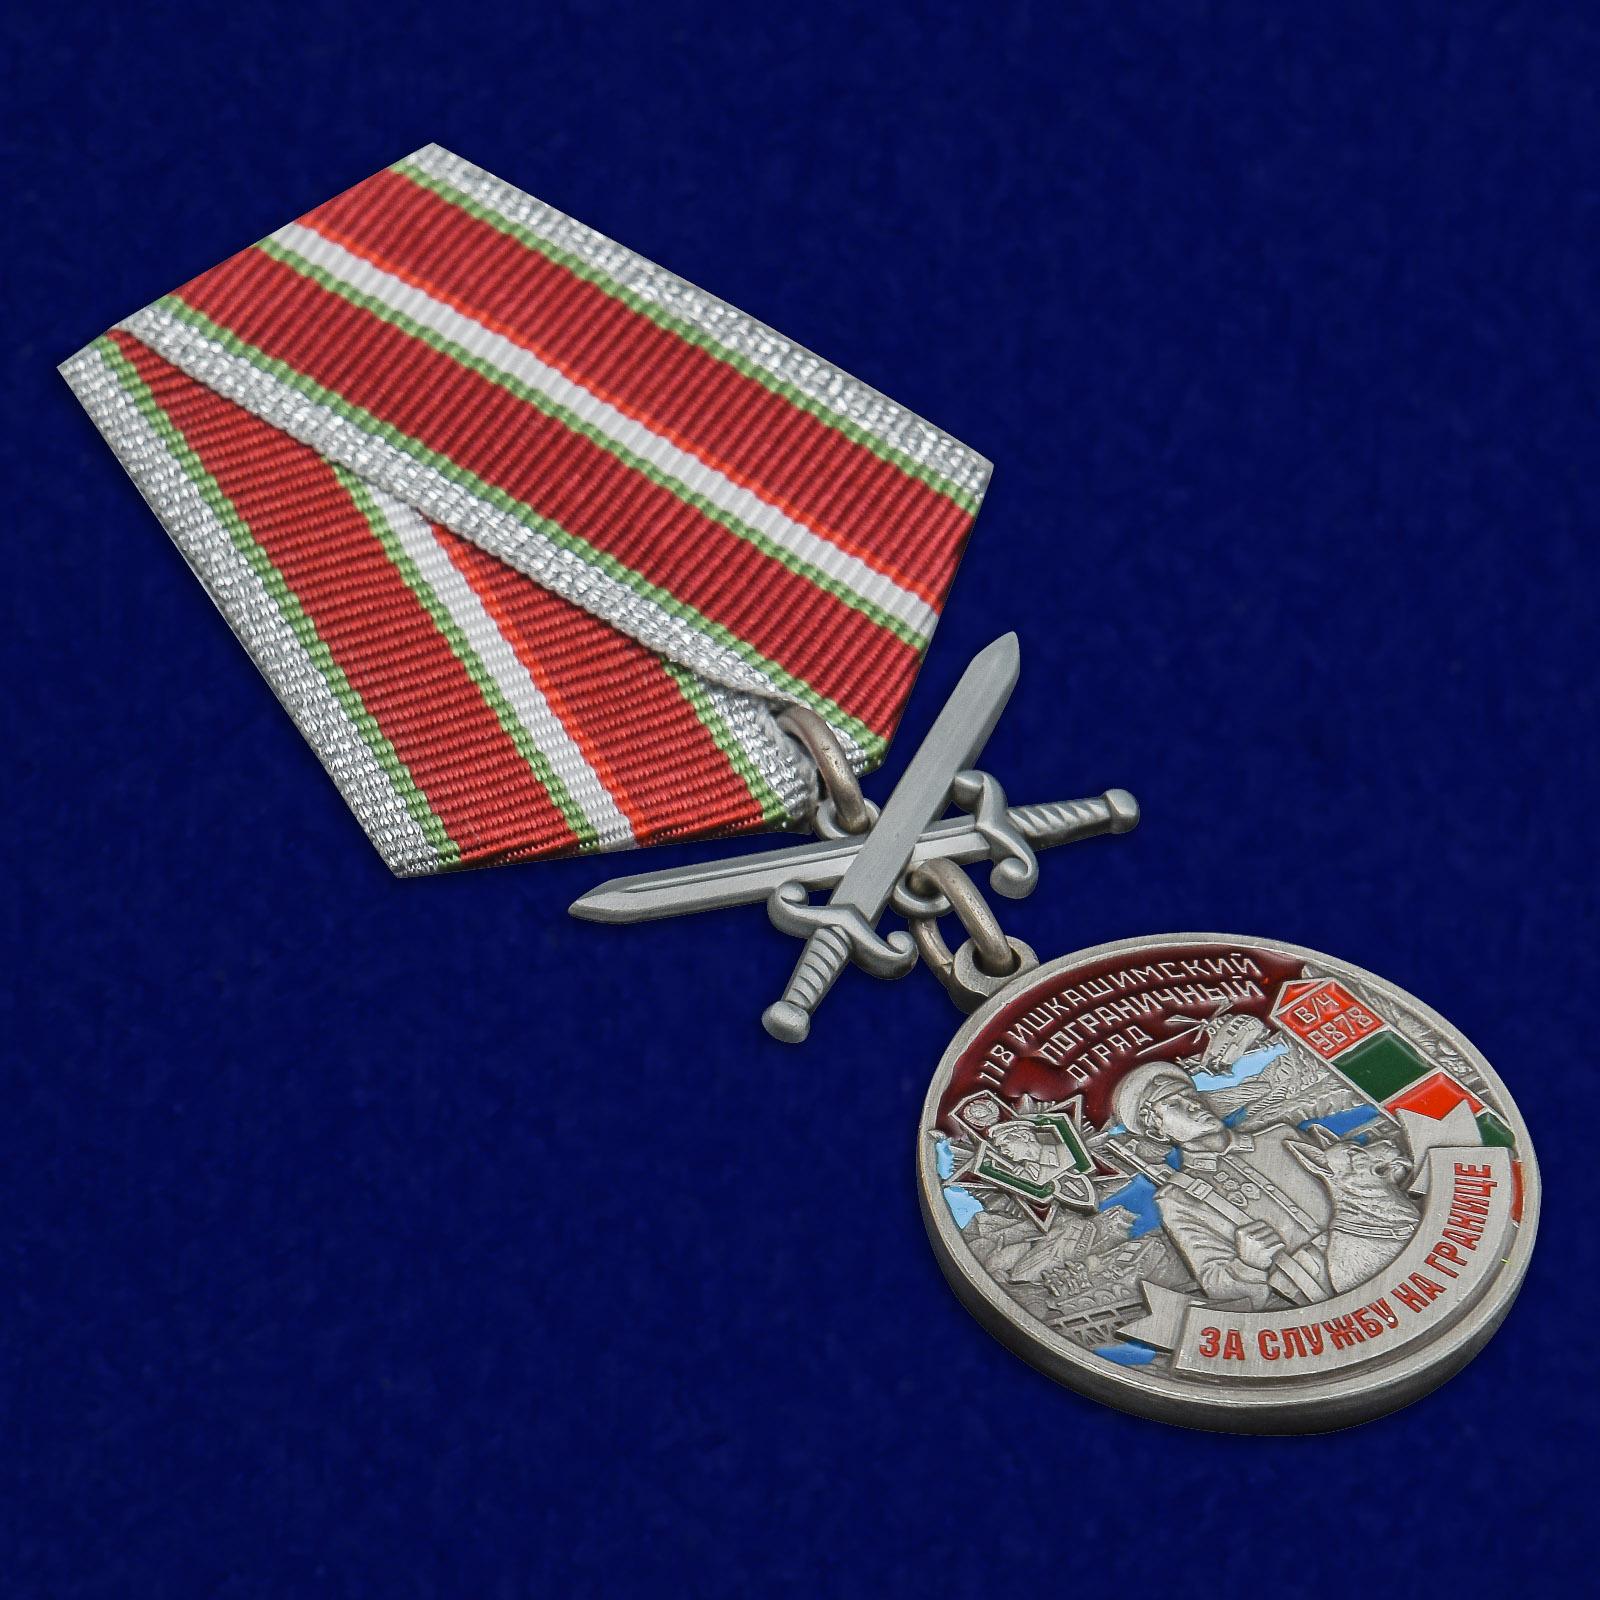 """Купить медаль """"За службу в Ишкашимском пограничном отряде"""""""